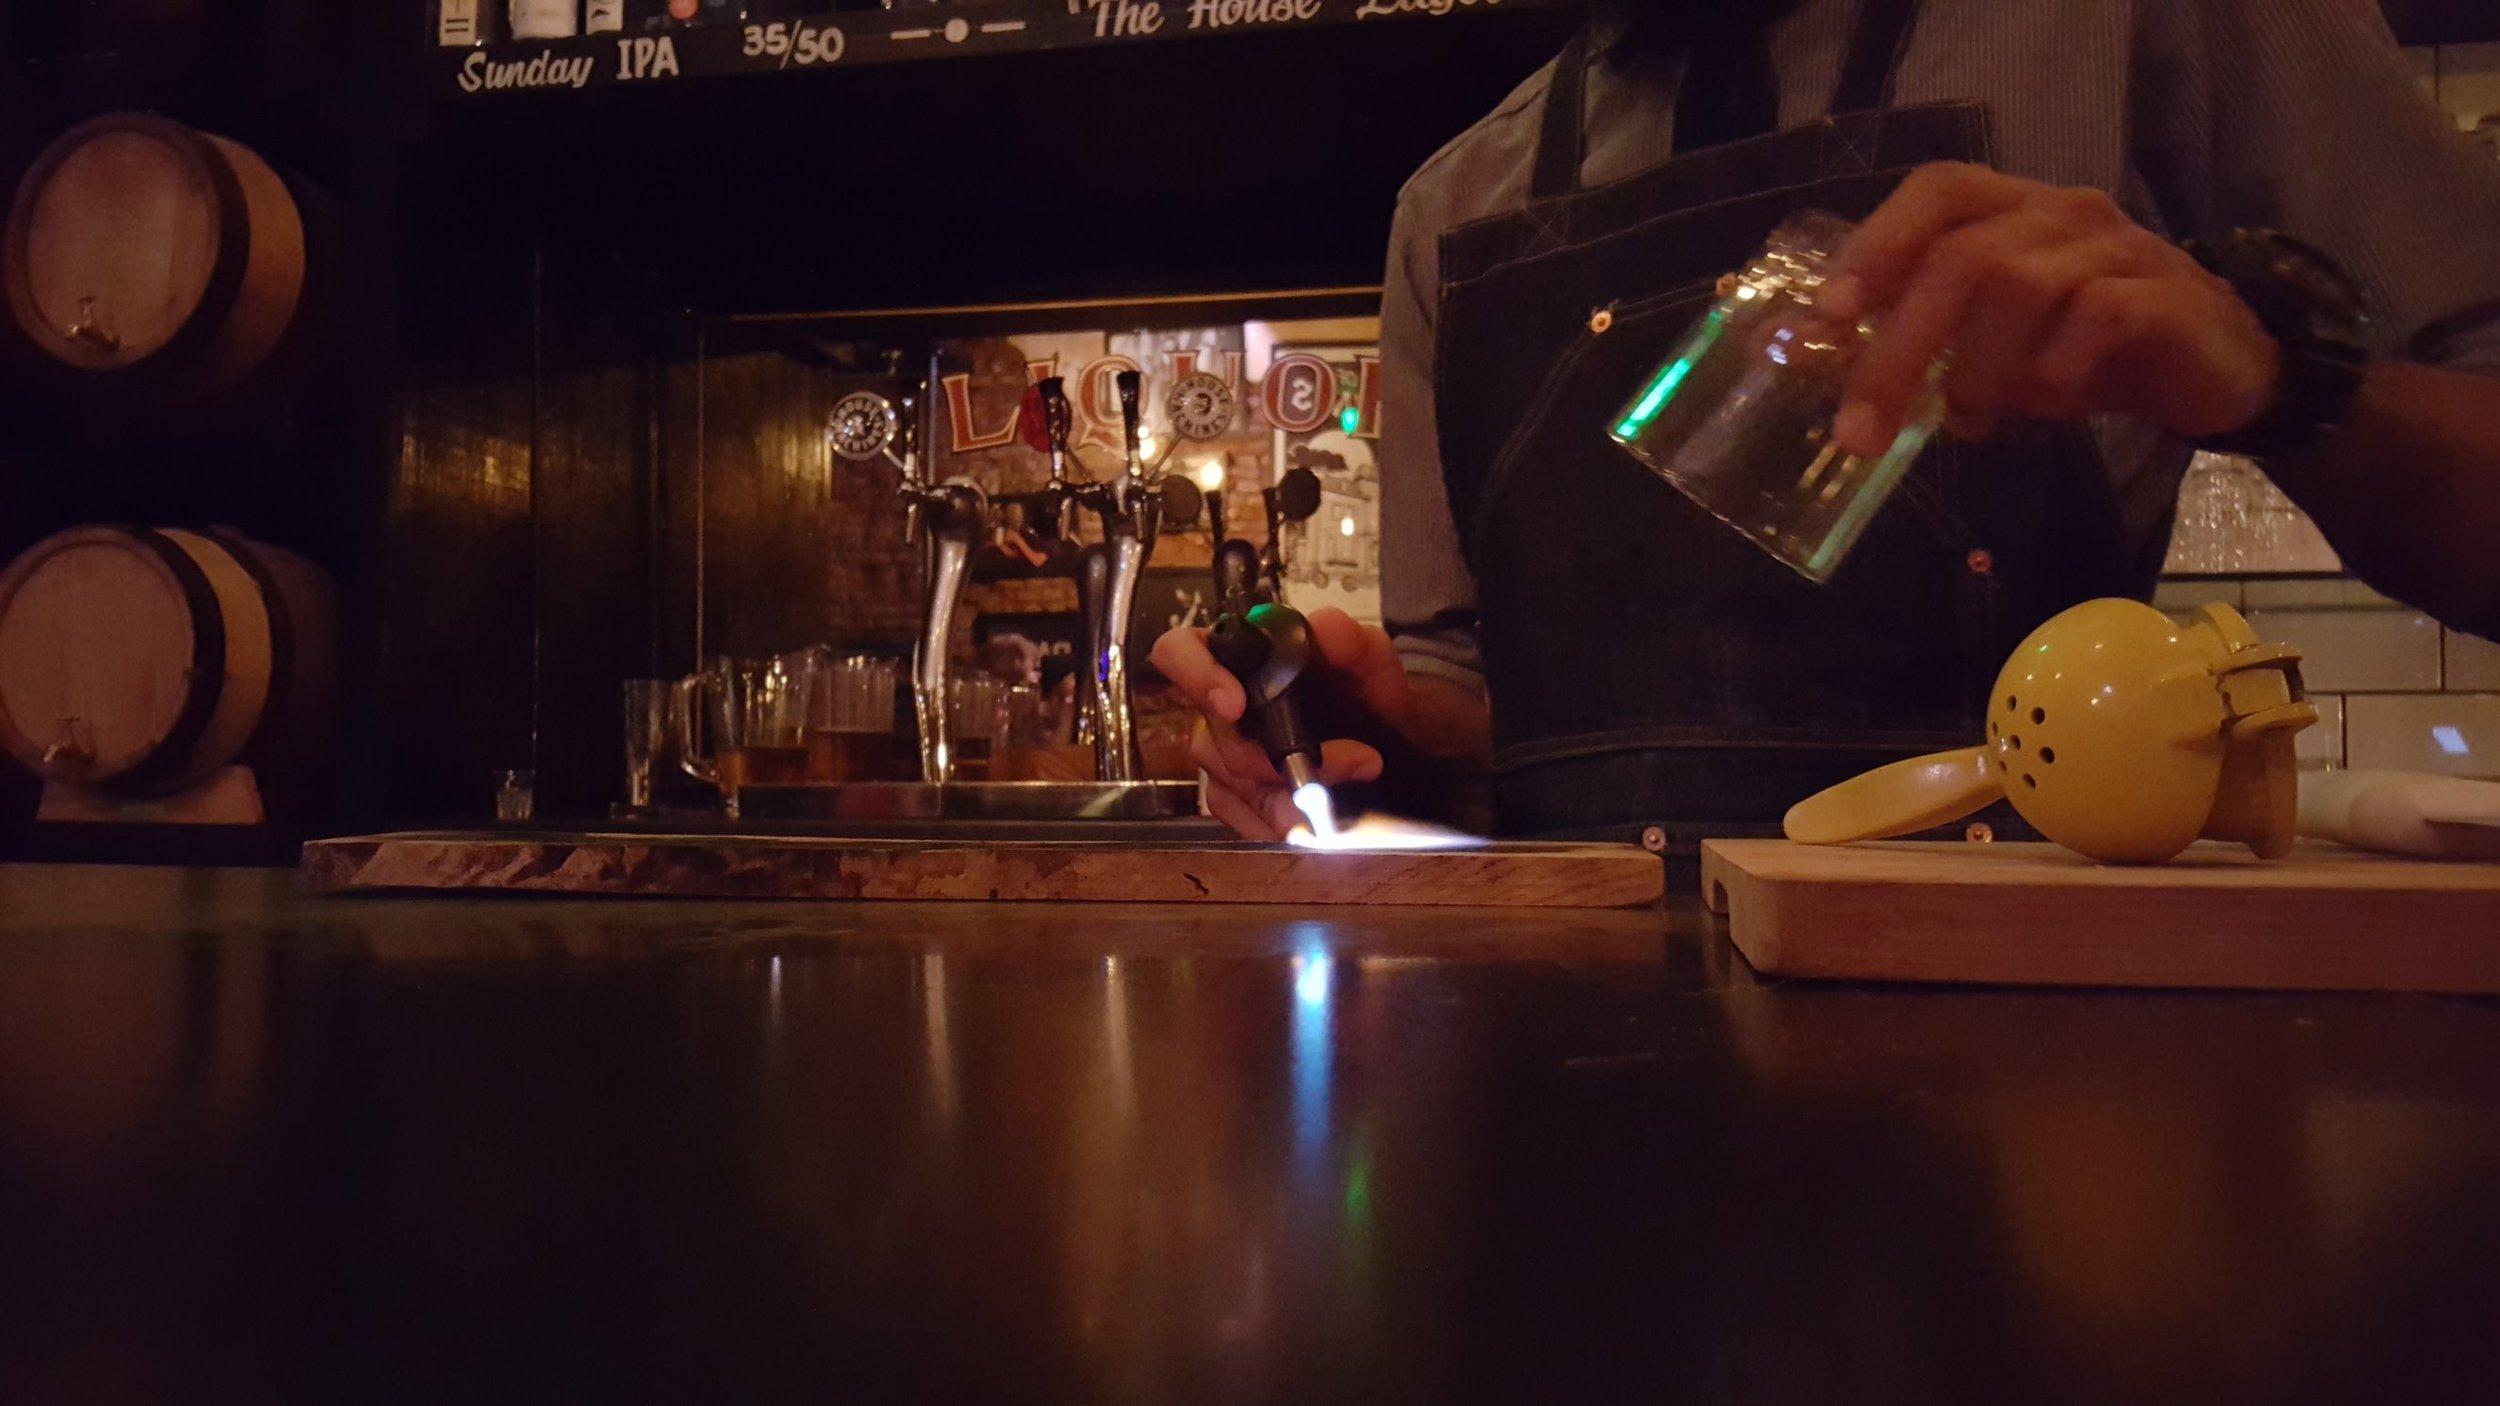 Marshall prepares a smokey Old Fashioned